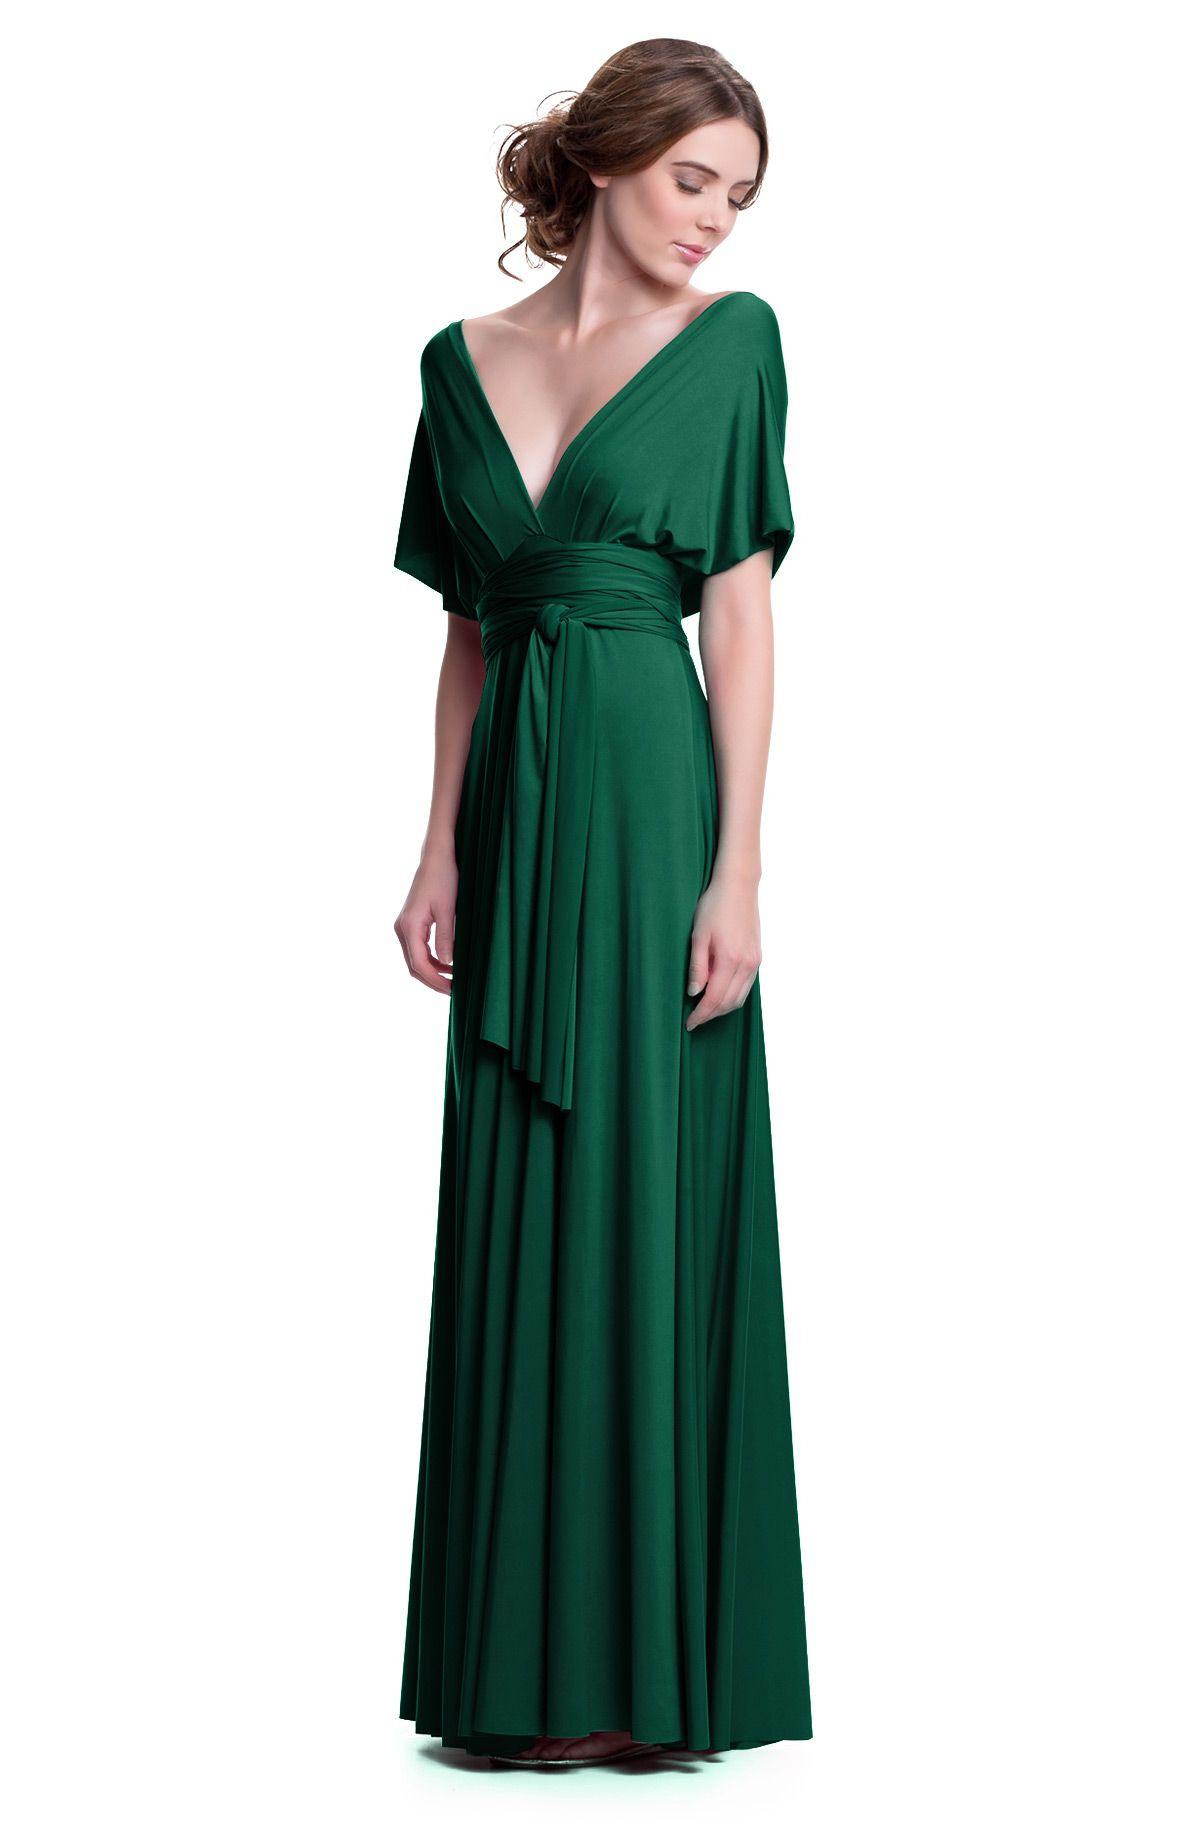 70df0de29e5 Sakura Emerald Green Maxi Convertible Dress - Henkaa for a mermaid tail